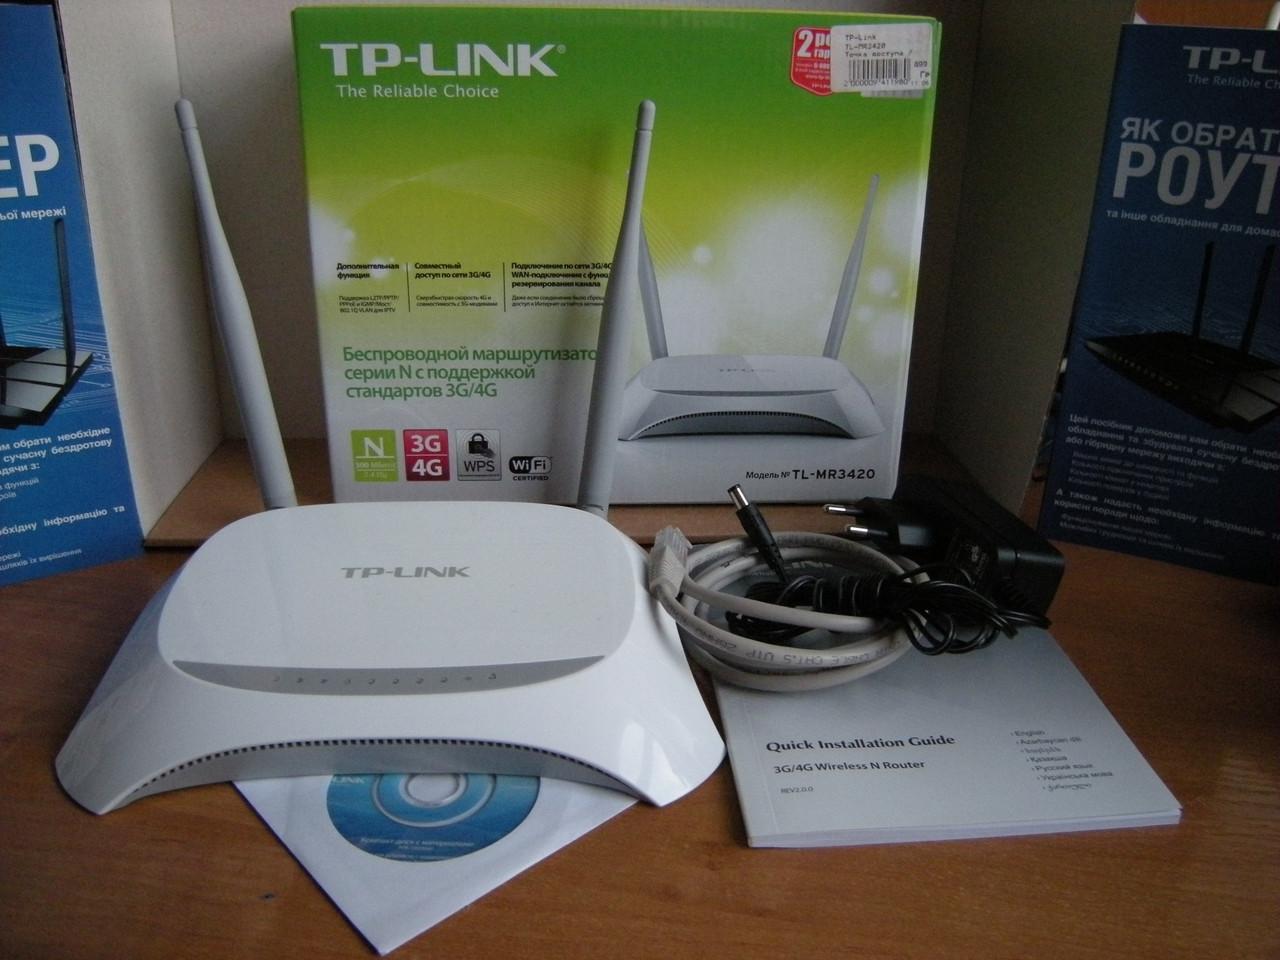 Wifi Tp Link Tl Mr3420 3g 650 Tplink Wireless N Router It